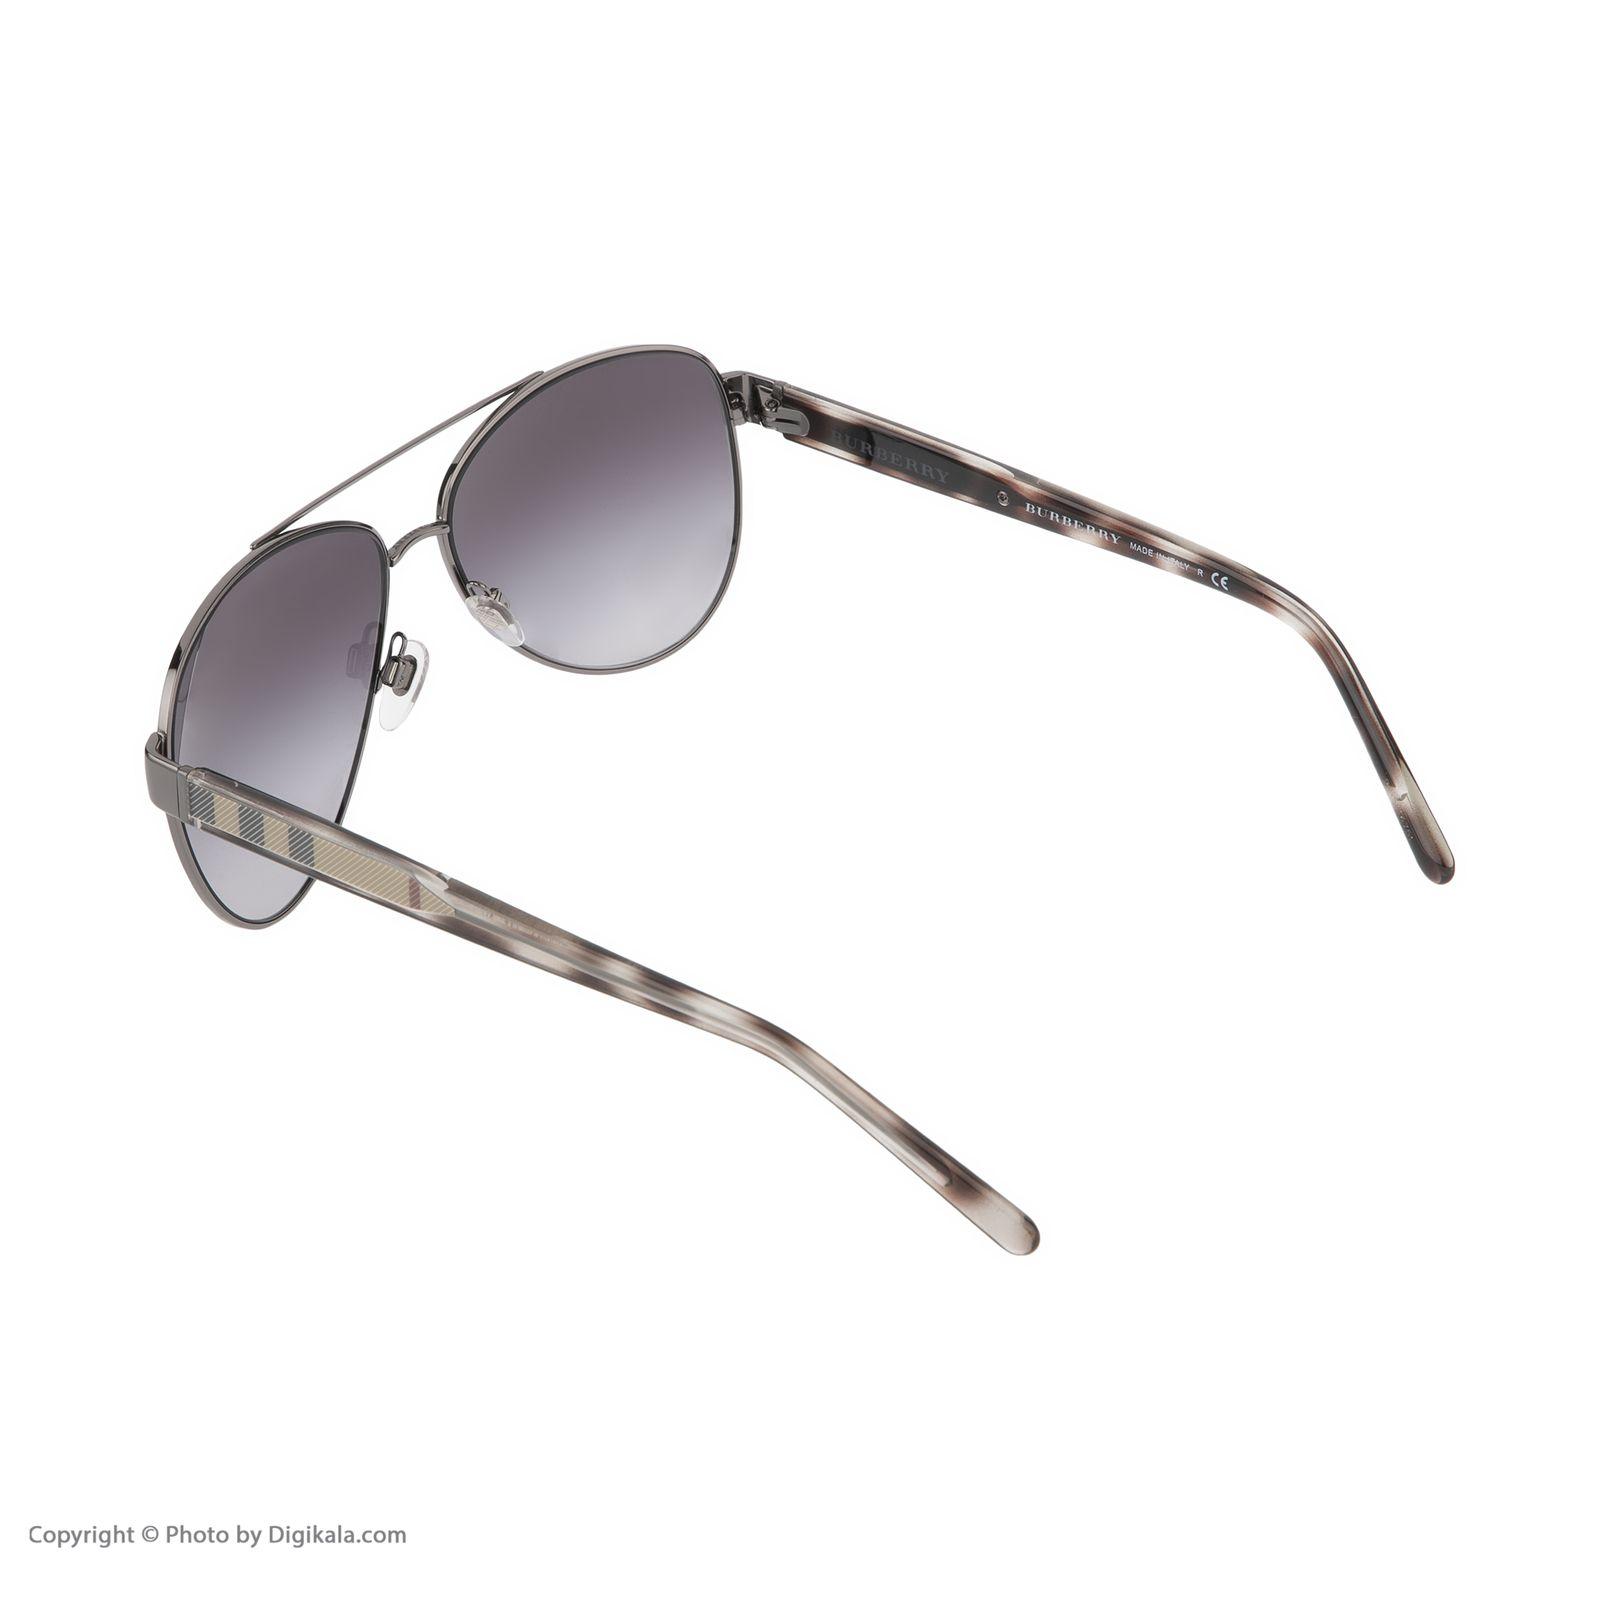 عینک آفتابی زنانه بربری مدل BE 3084S 12278G 60 -  - 5